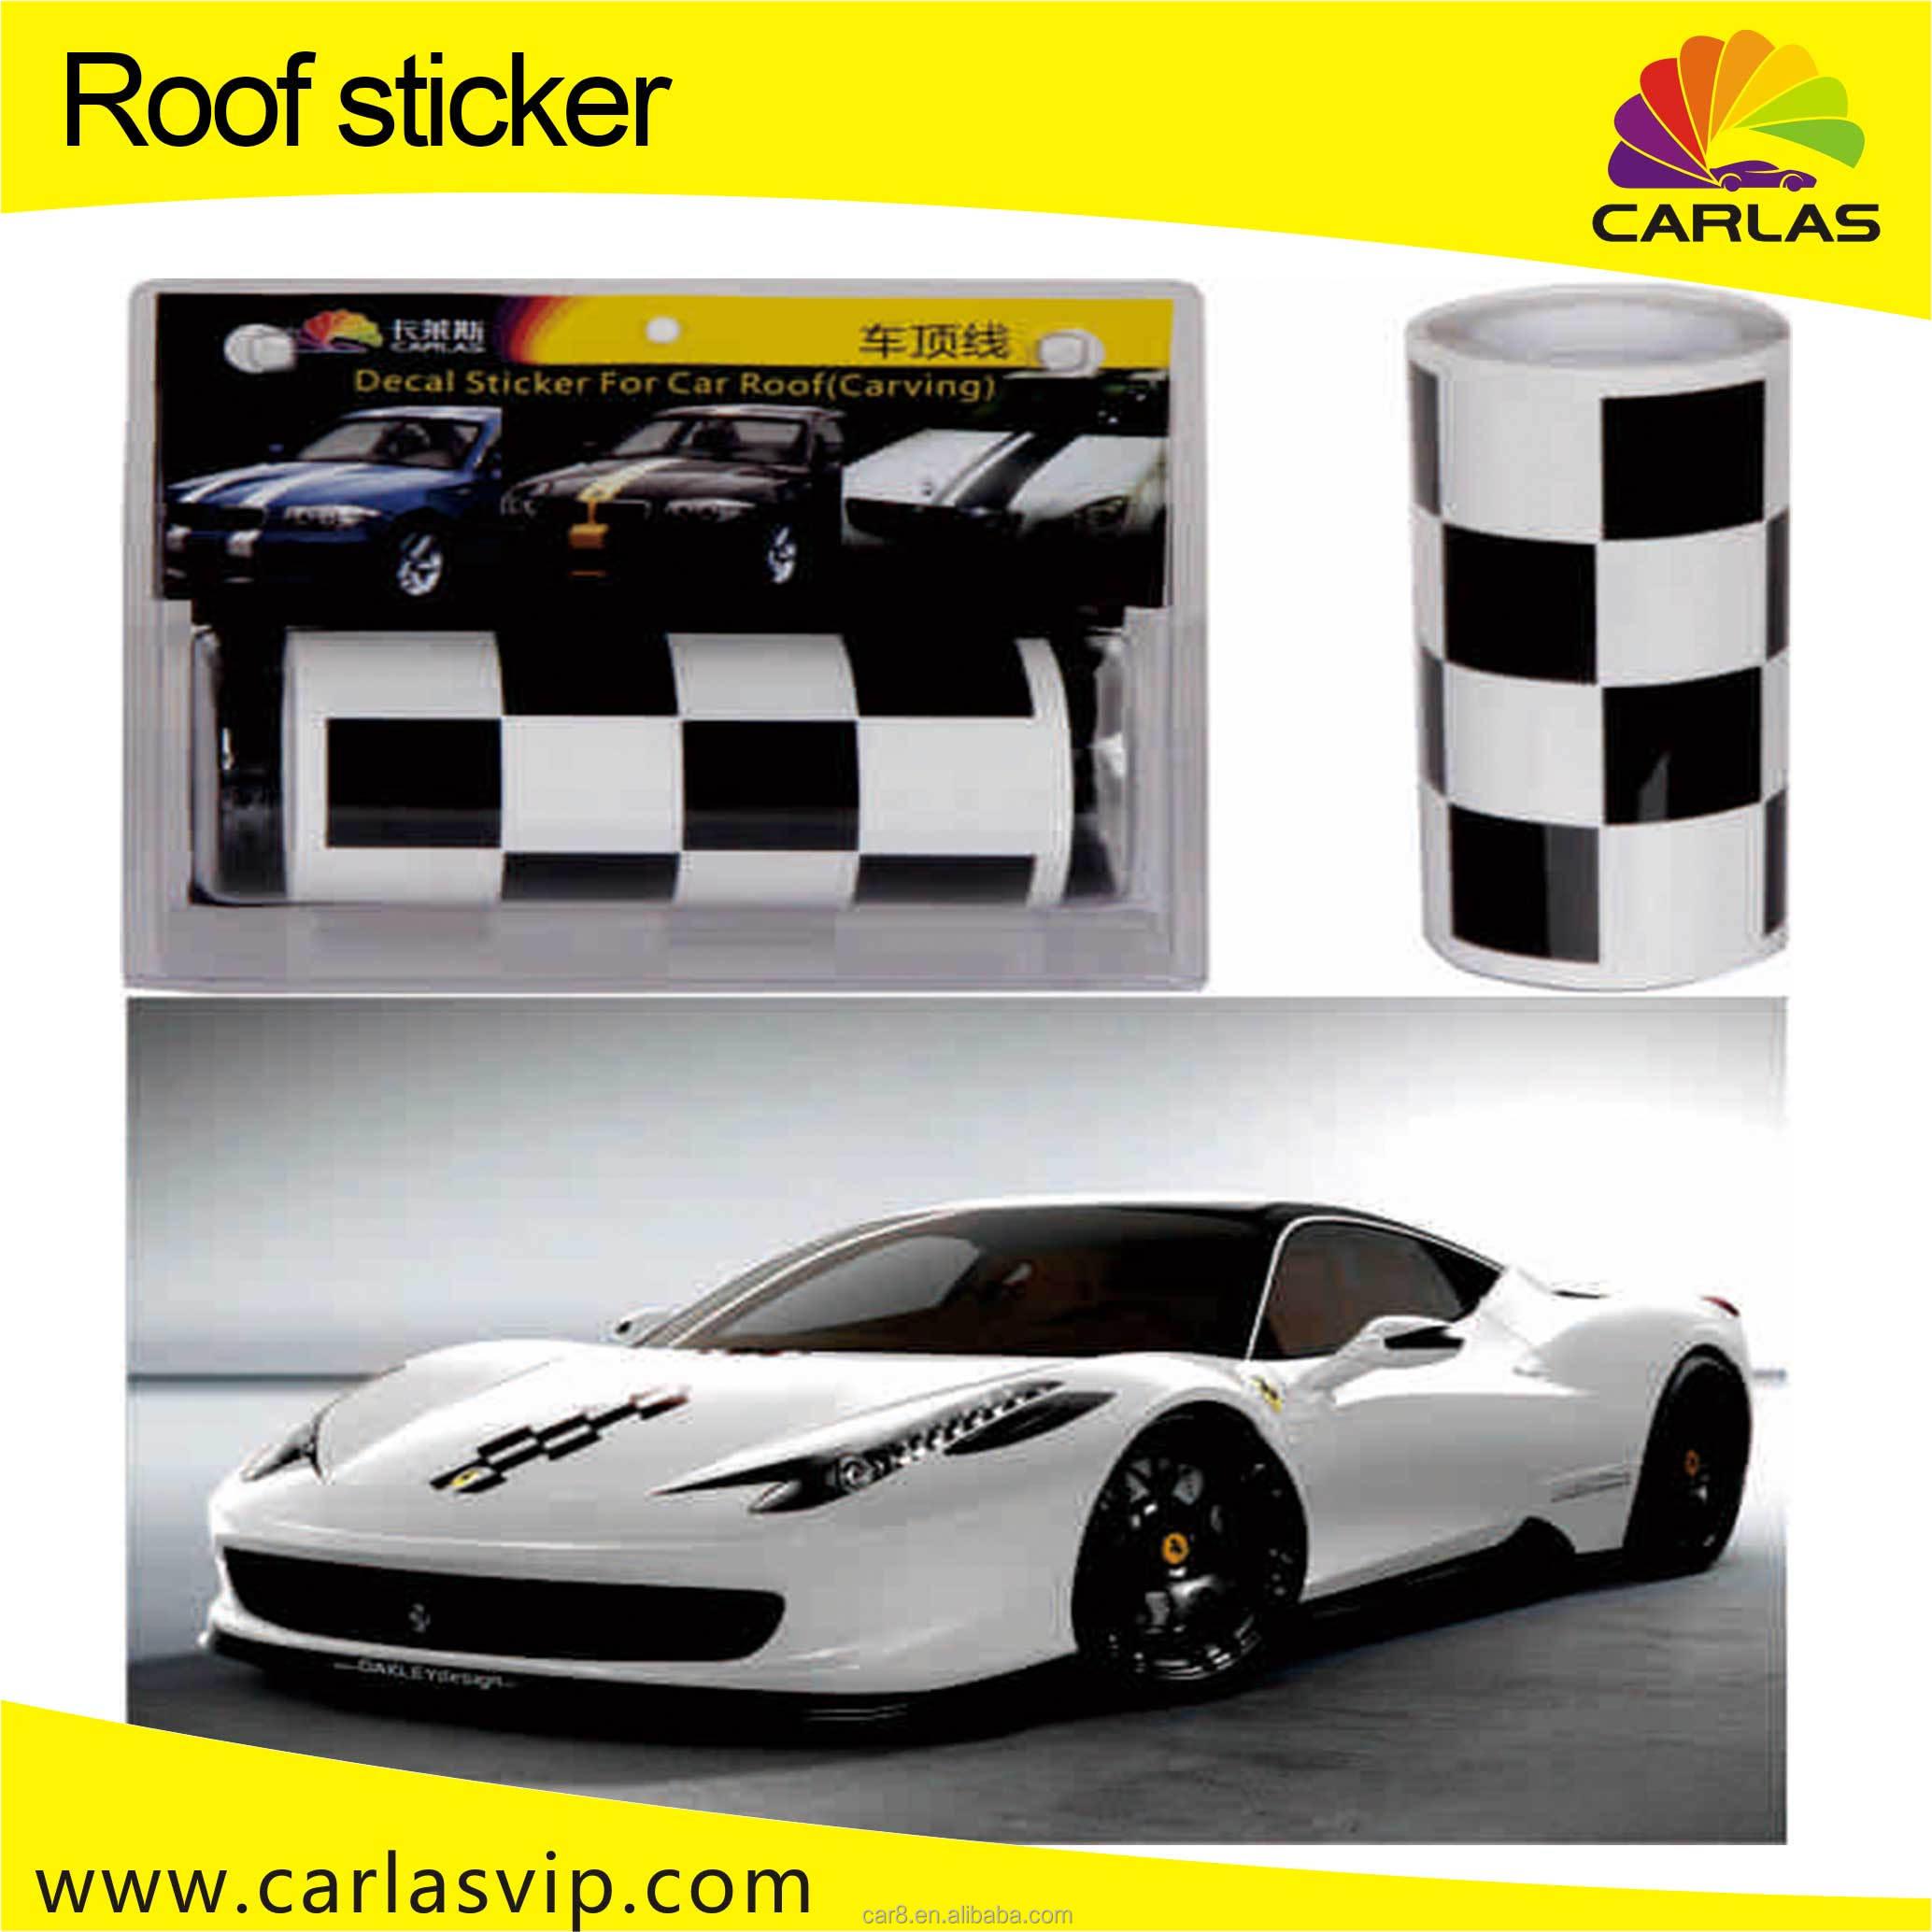 Automatique ligne de toit autocollant de décalque de voiture de sport de course rayures buy rayures de courseautocollants de décalqueautocollant de